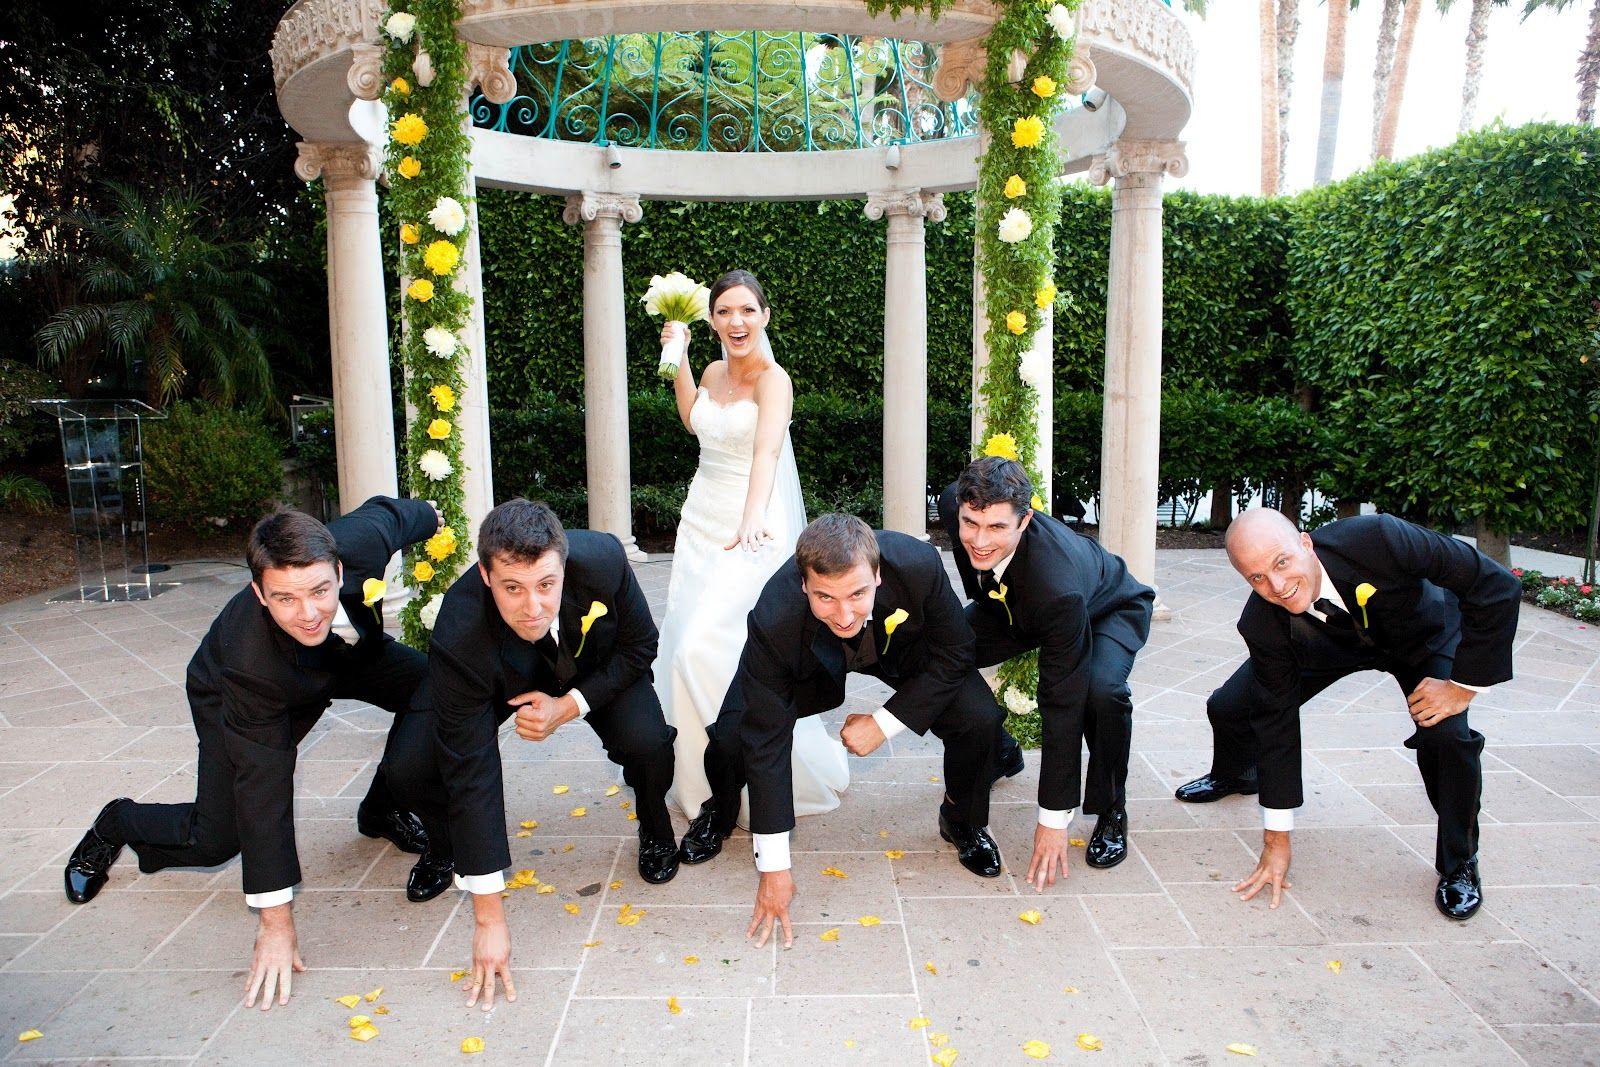 Soccer Themed Wedding Ideas: Football Themed Wedding #footballwedding #footballgifts